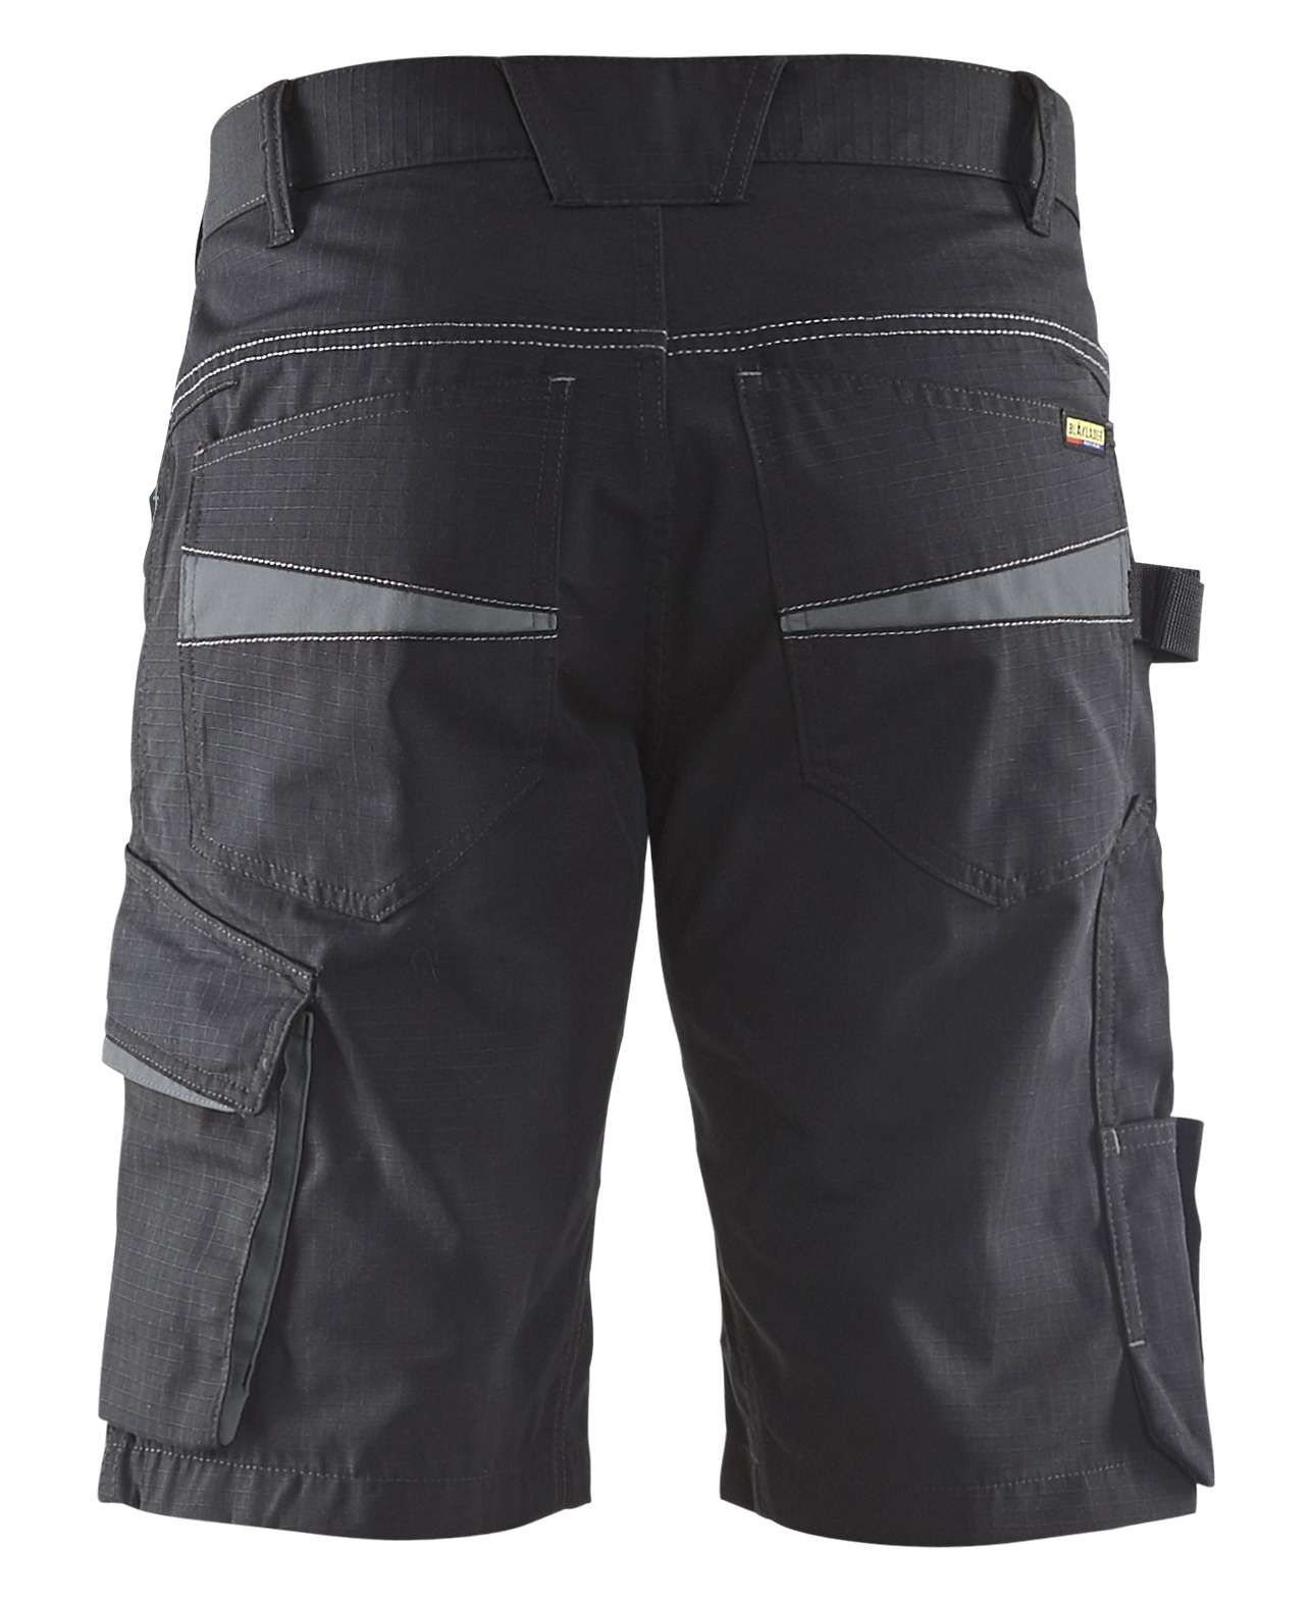 Blaklader Korte werkbroeken 14991330 zwart-grijs(9998)